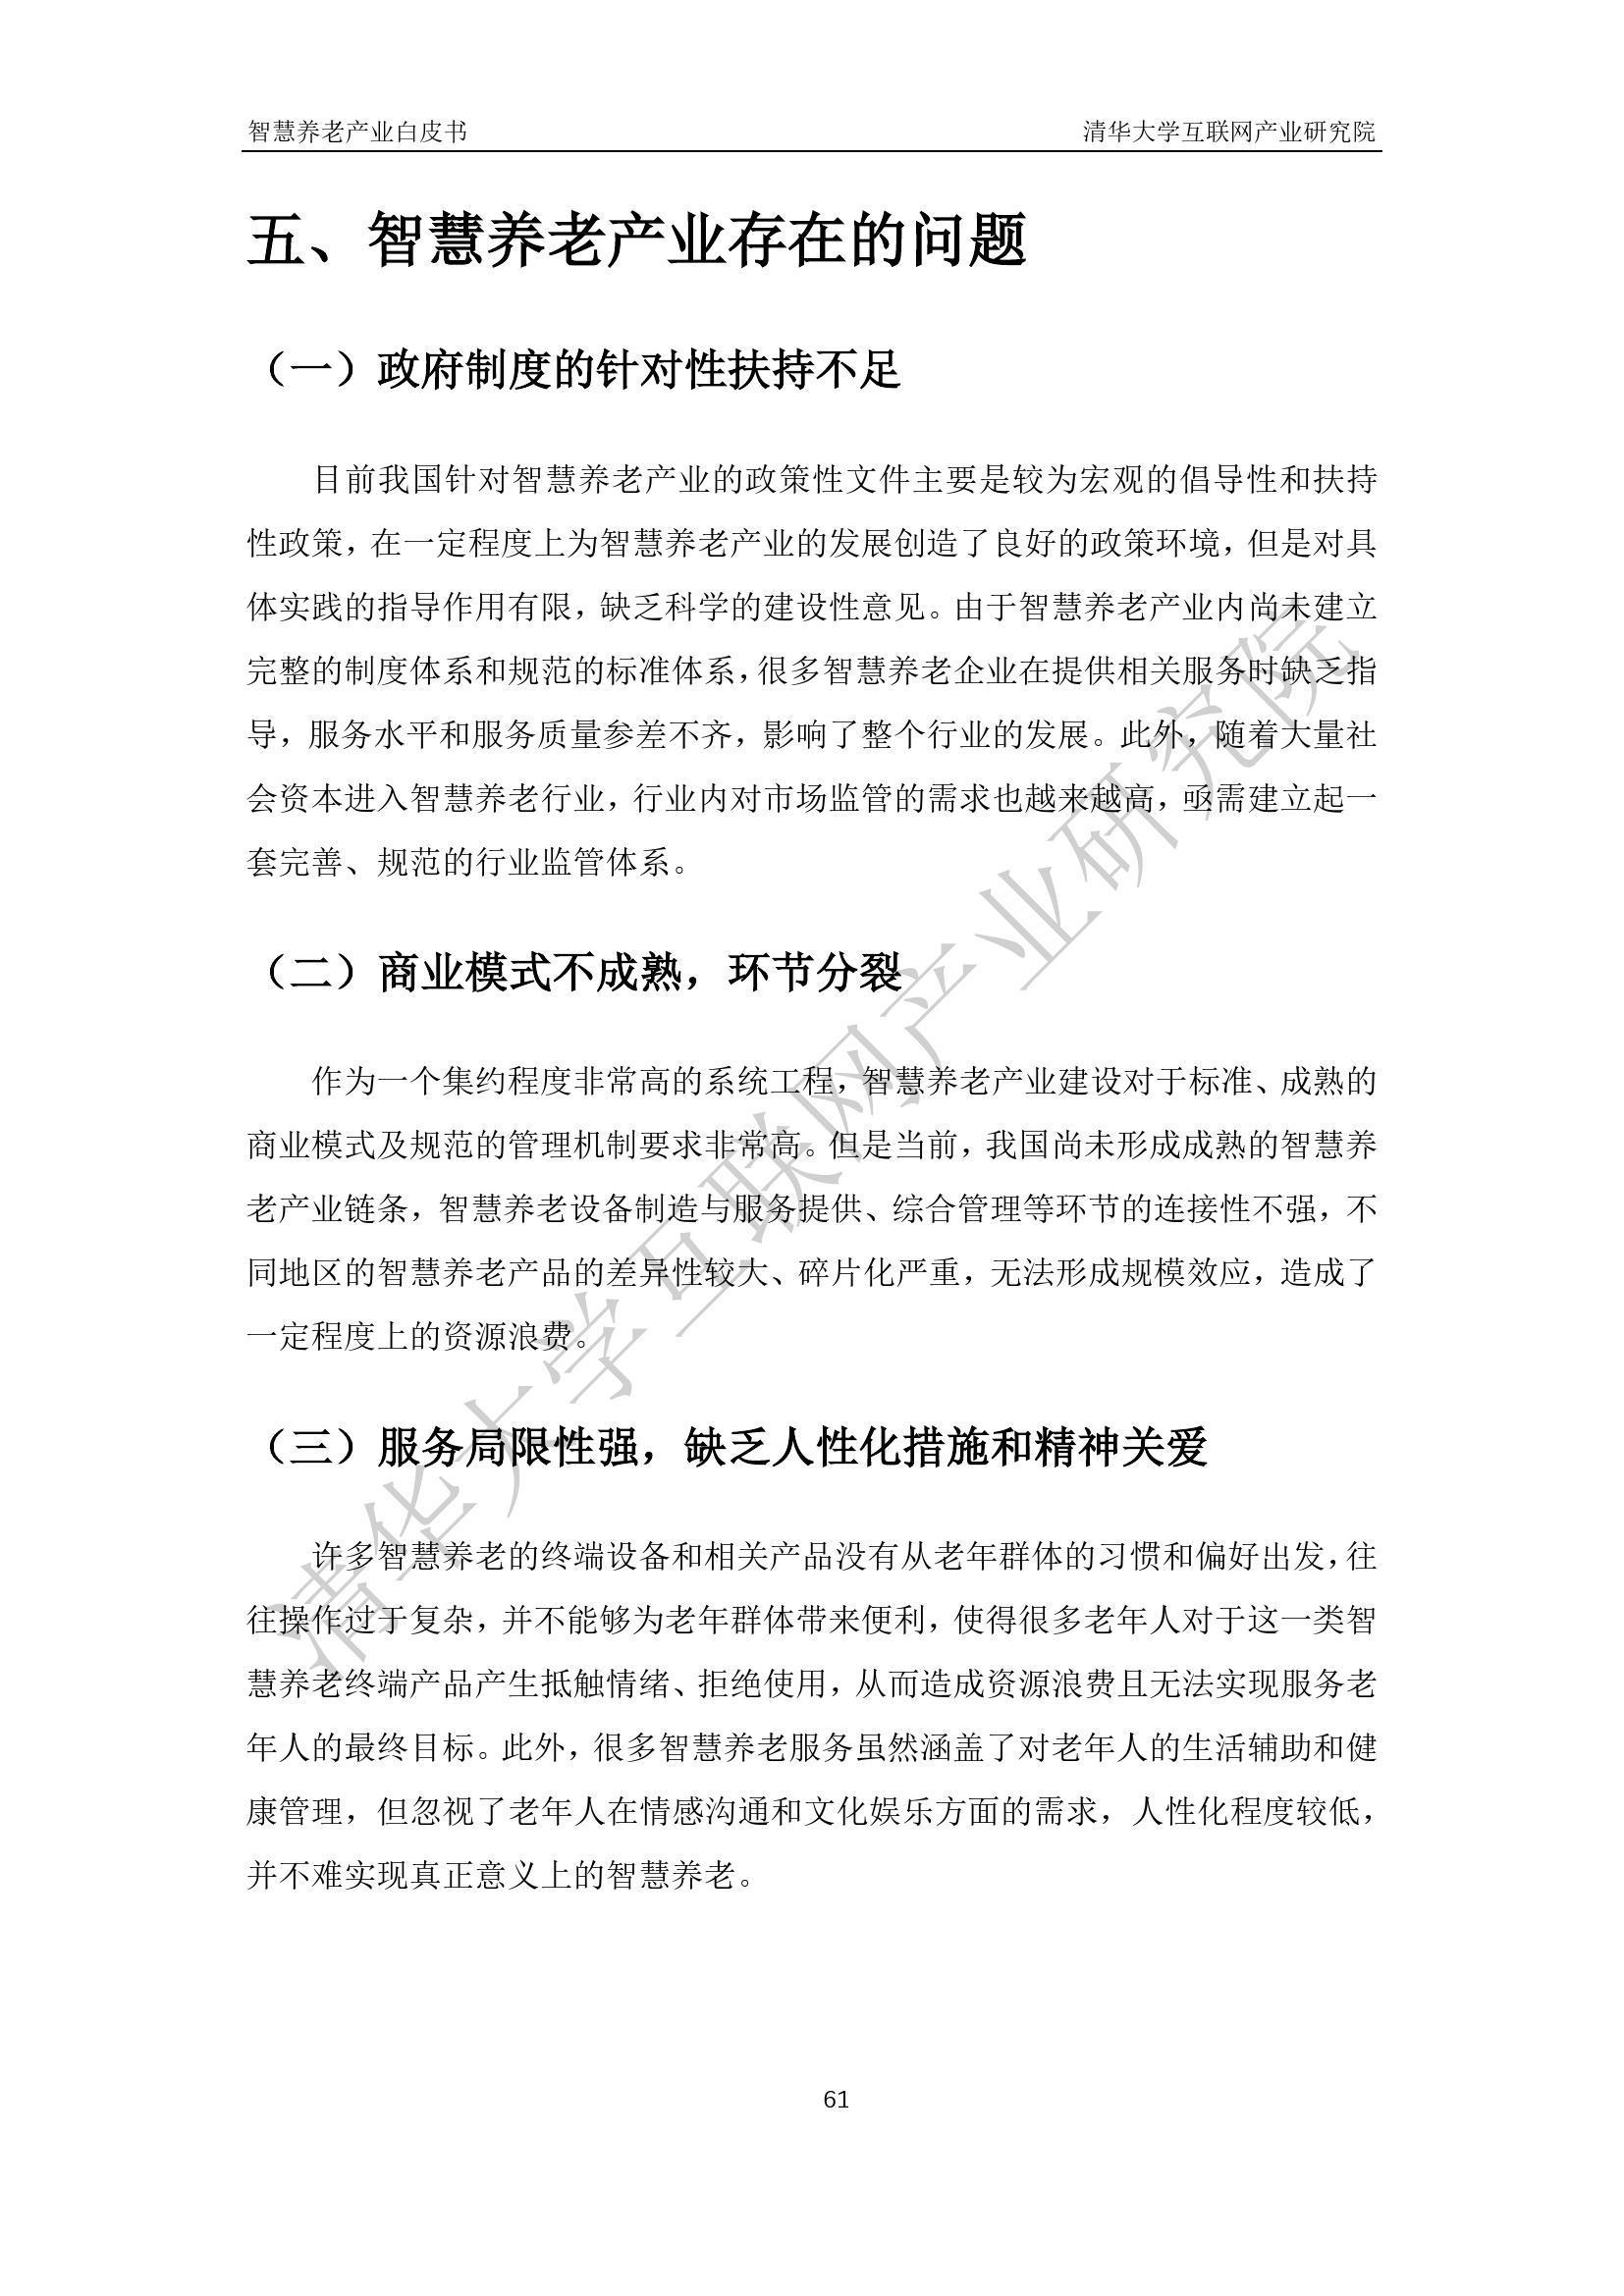 清華大學:2019年智慧養老產業白皮書(附下載)